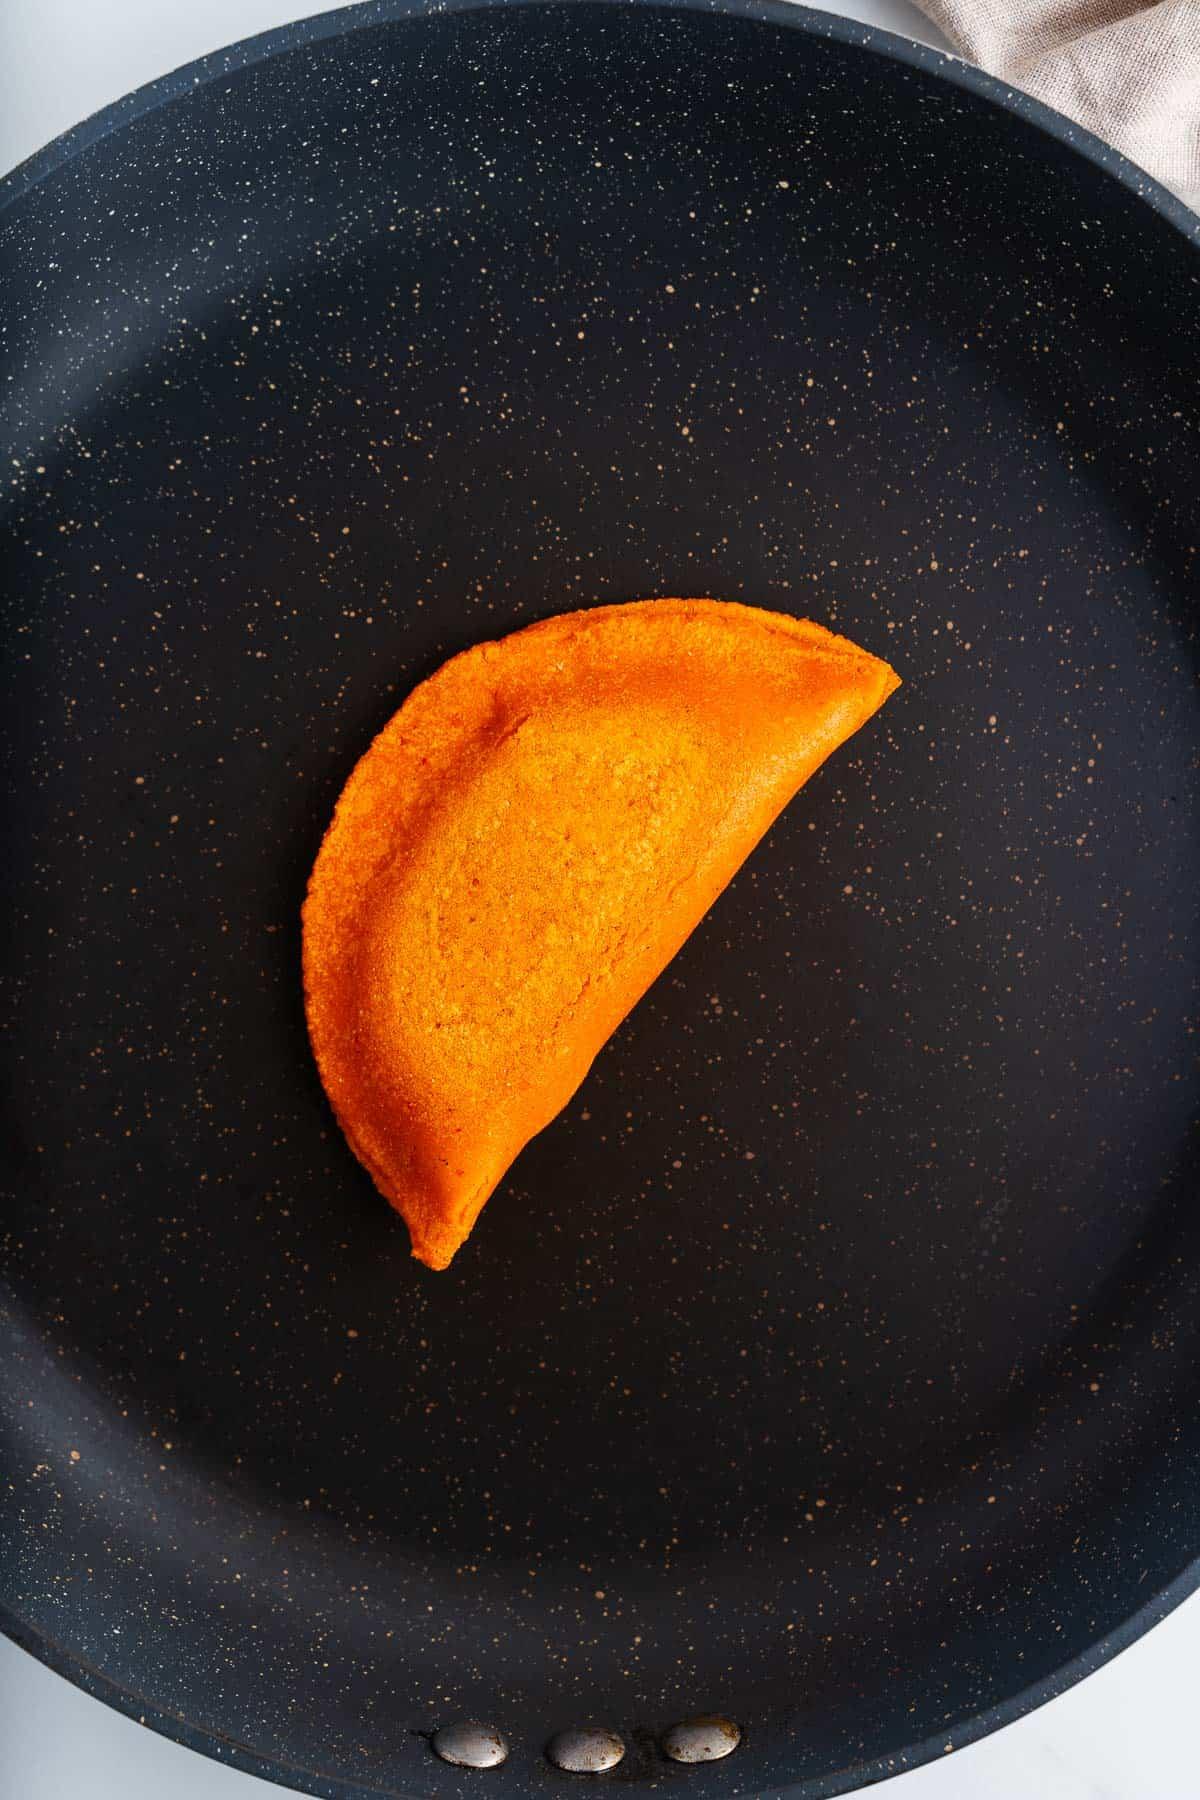 Enchilada Potosina in a Dry Skillet